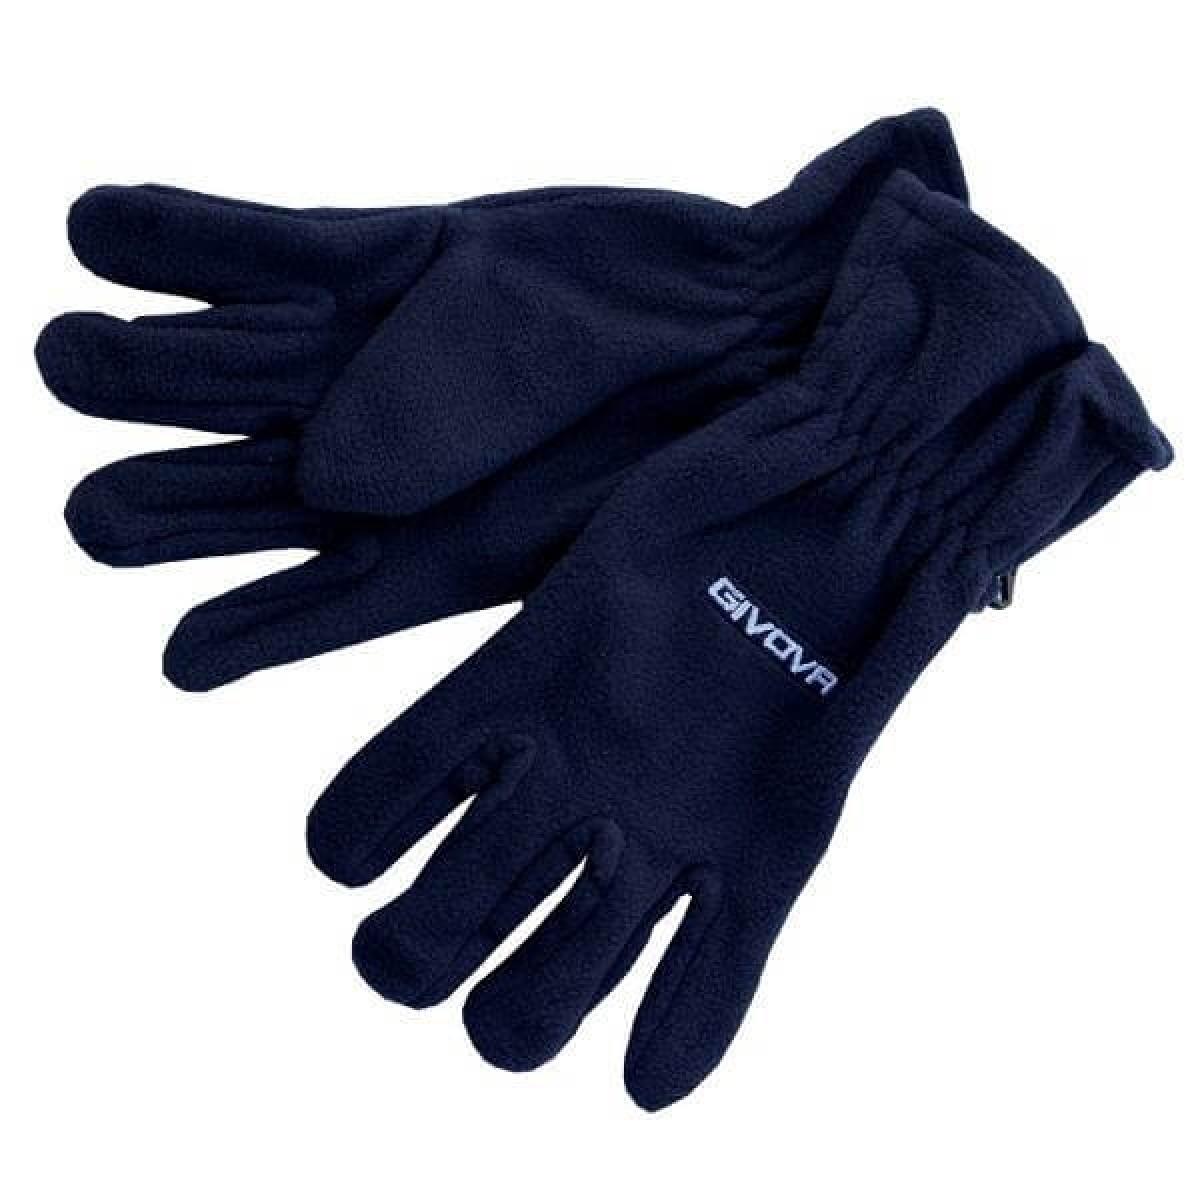 Givova handsker moerkeblaa